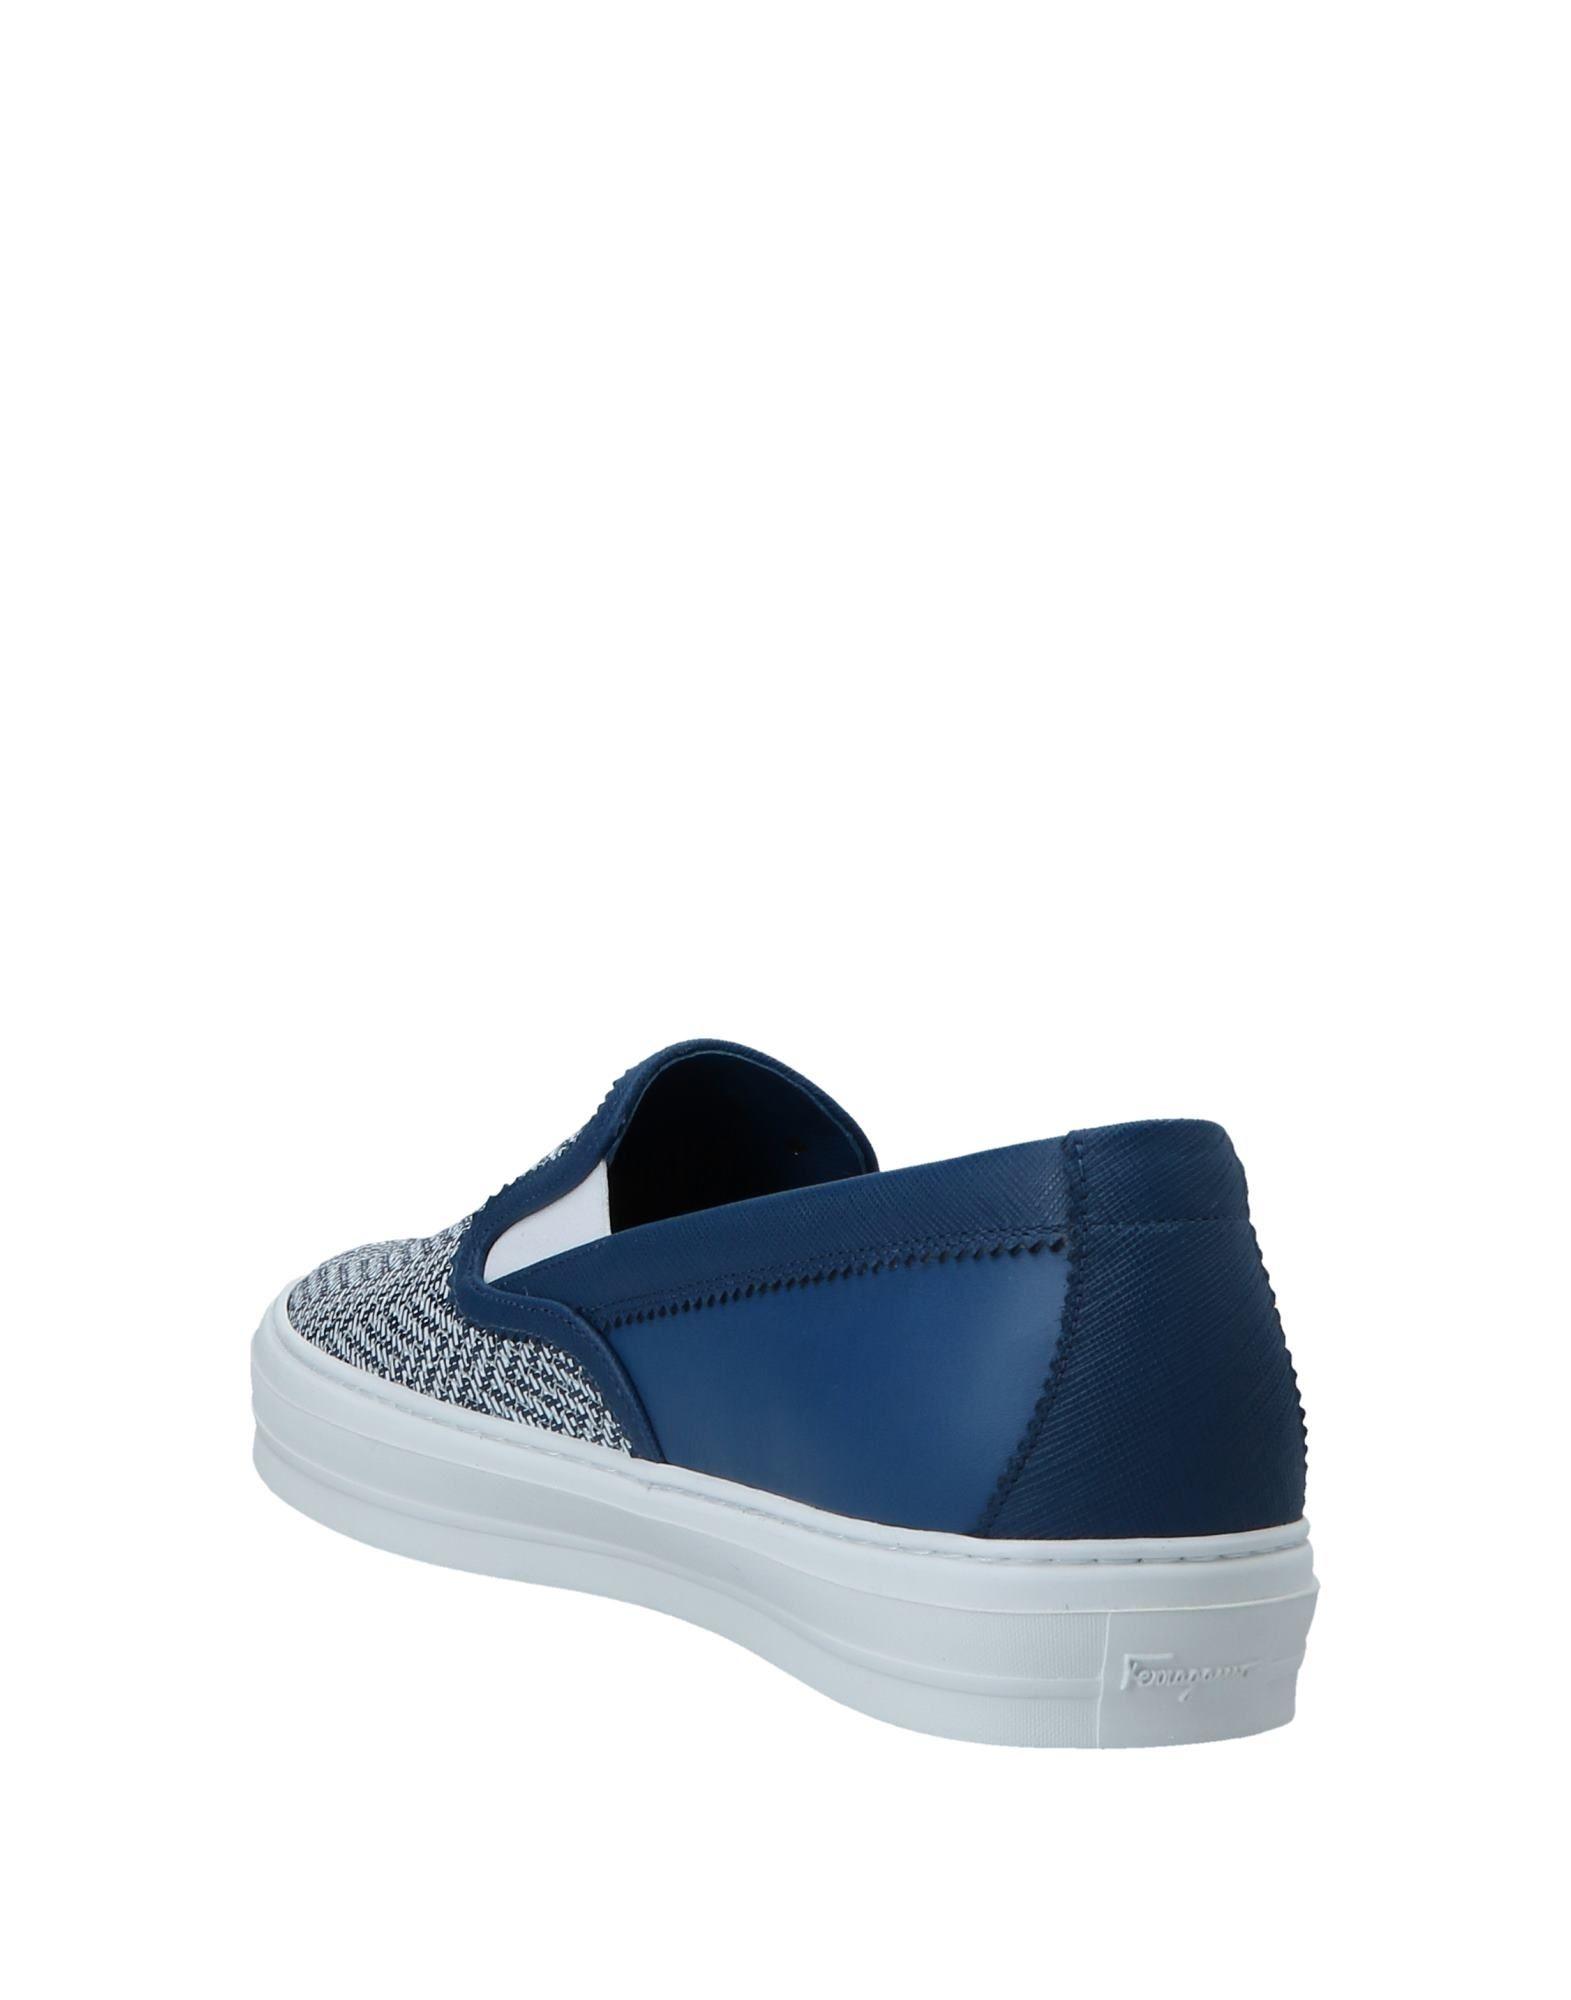 Salvatore Ferragamo Sneakers Herren  11554339NC Gute Qualität beliebte Schuhe